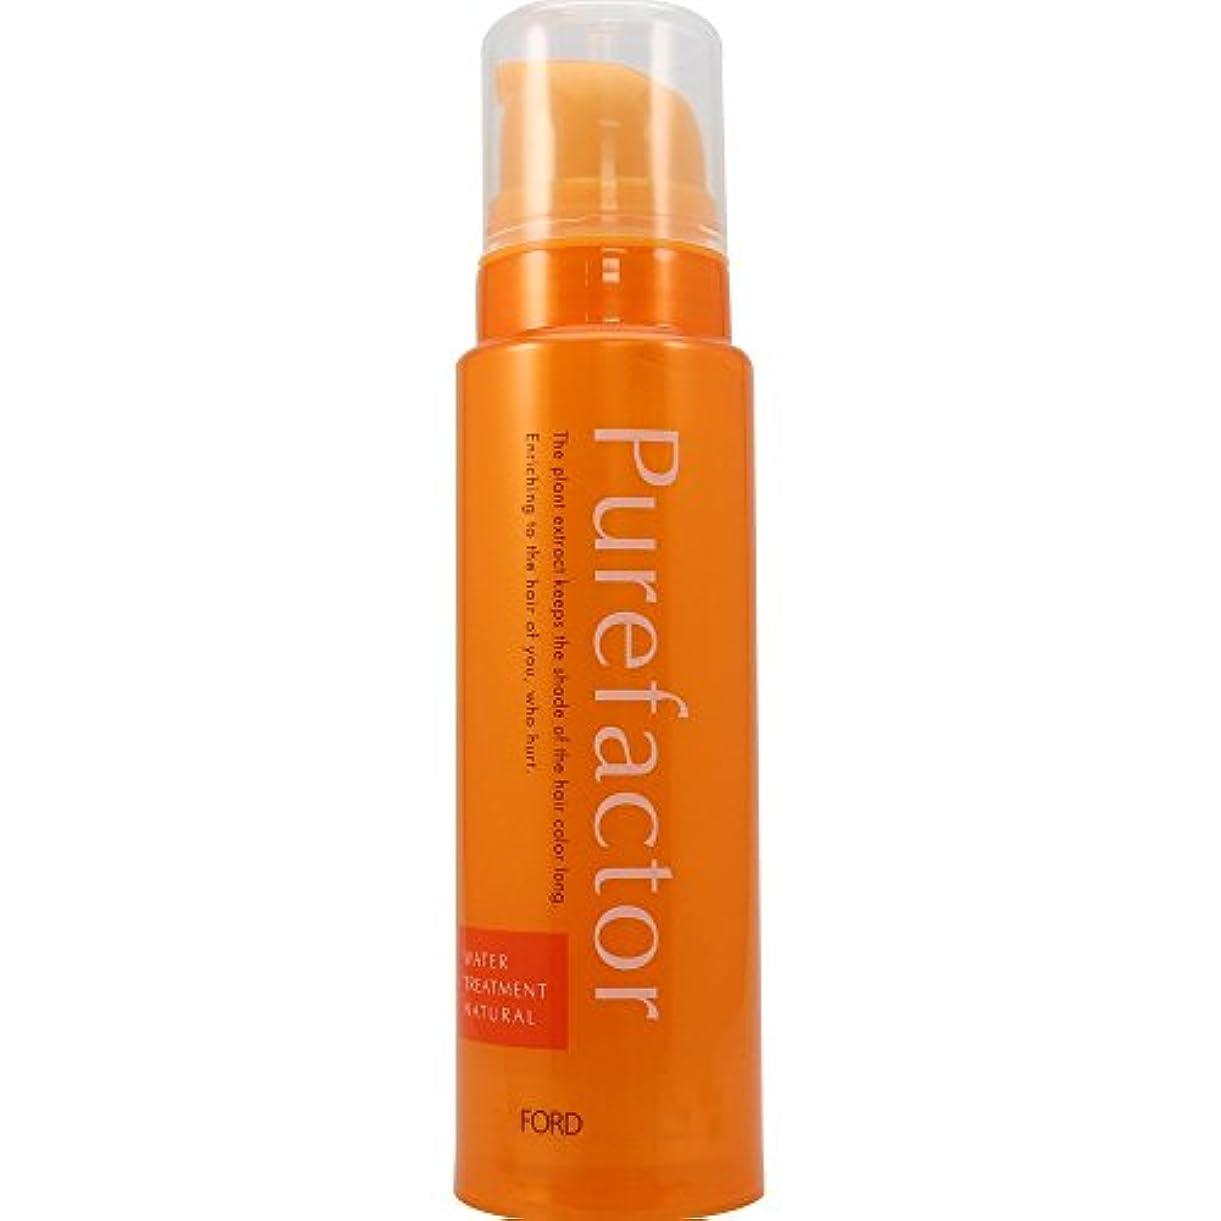 毒液息苦しいルールフォードヘア化粧品 ピュアファクター ウォータートリートメント 145g